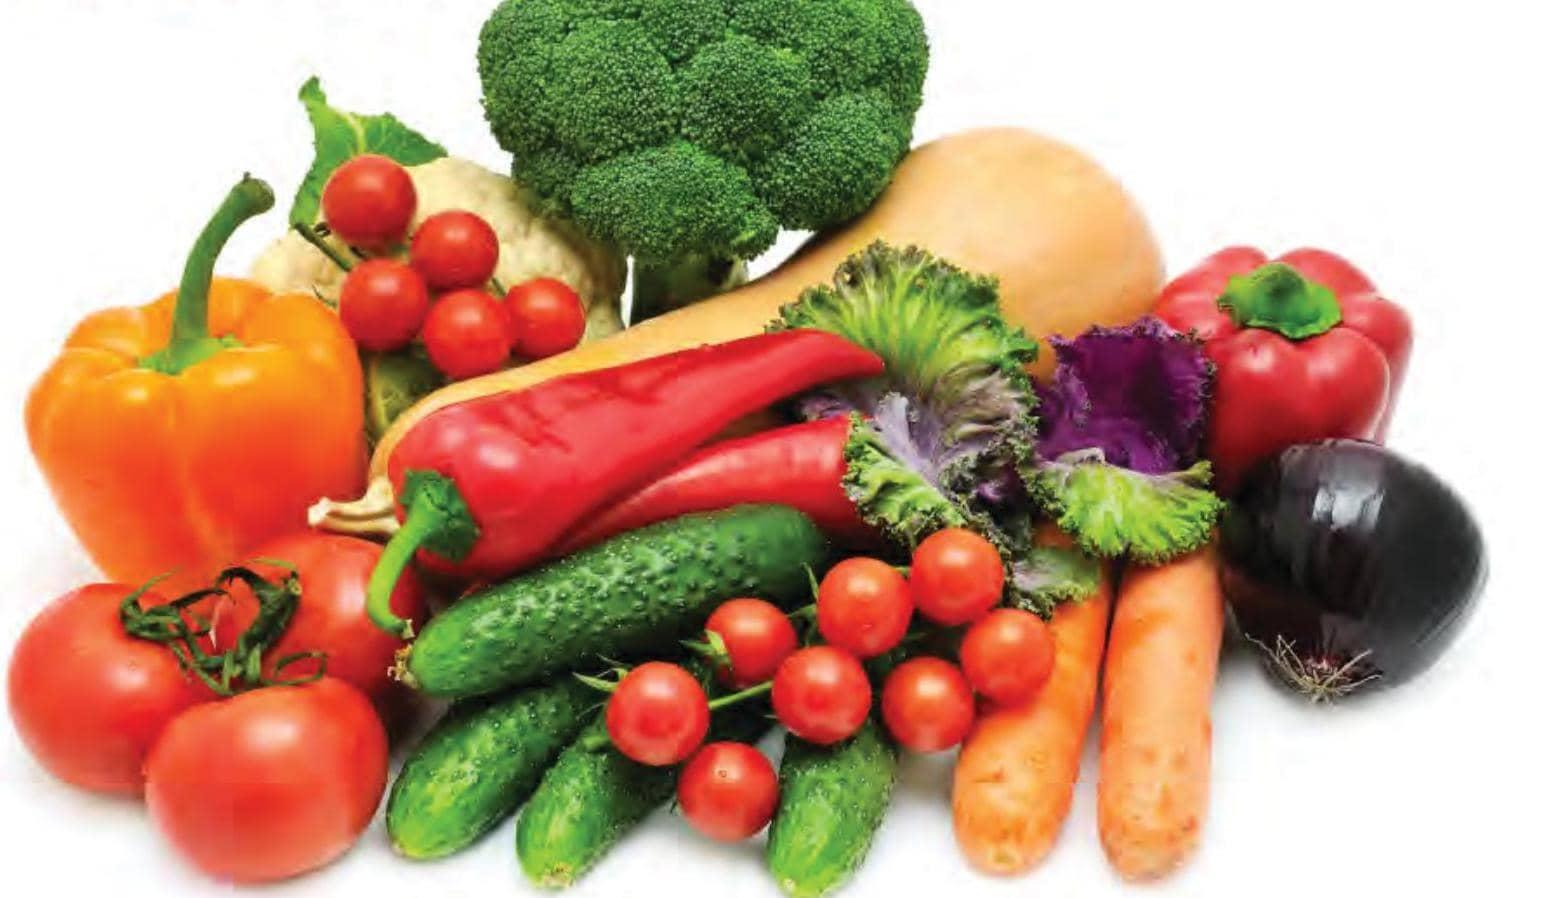 हरी सब्जियों में पोषक तत्वों का महत्व